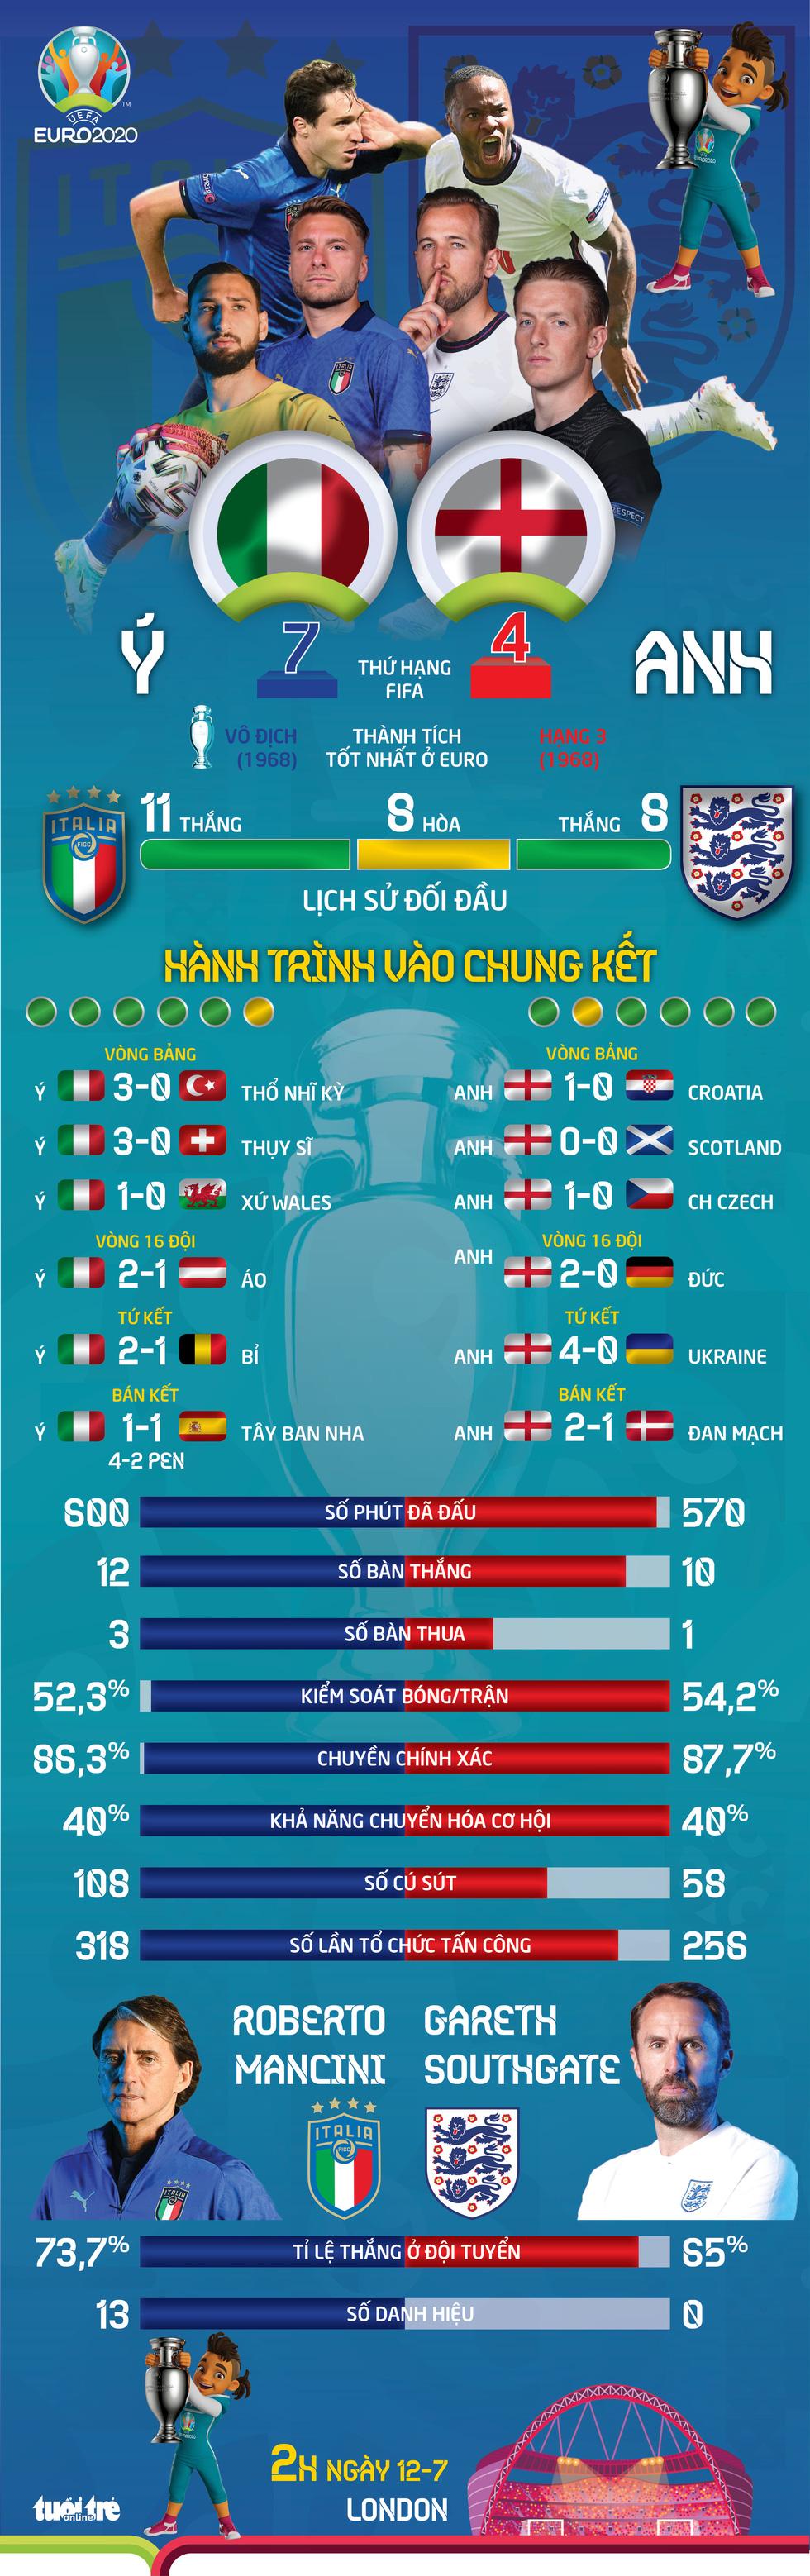 So sánh tương quan sức mạnh giữa Ý và Anh trước trận chung kết Euro 2020 - Ảnh 1.